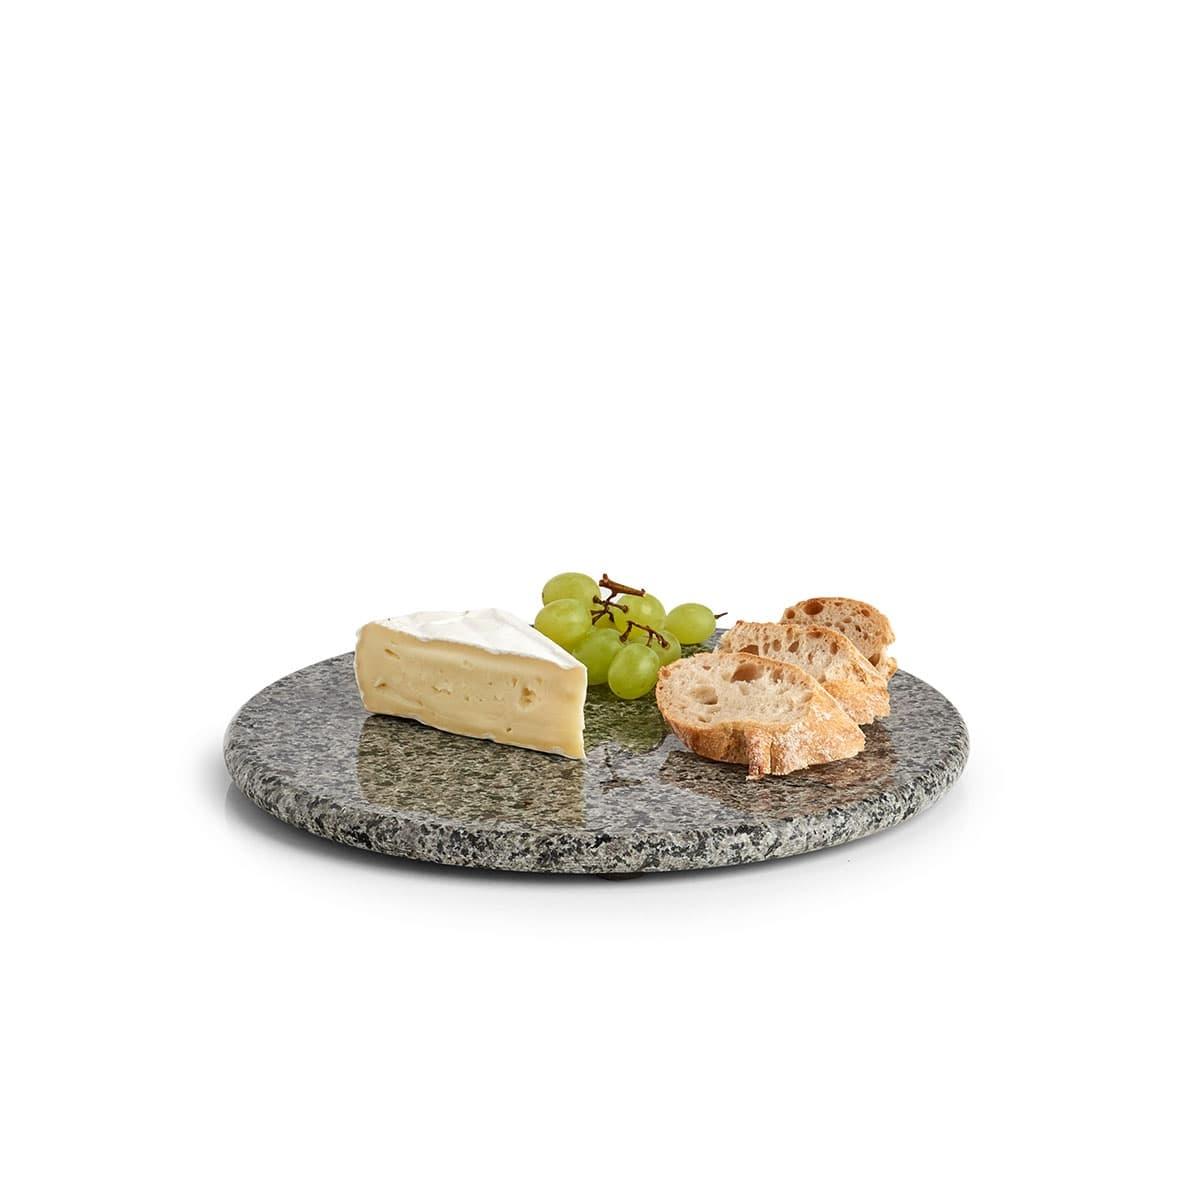 Platou servire din granit, Modern Gri / Negru, Ø25 cm imagine